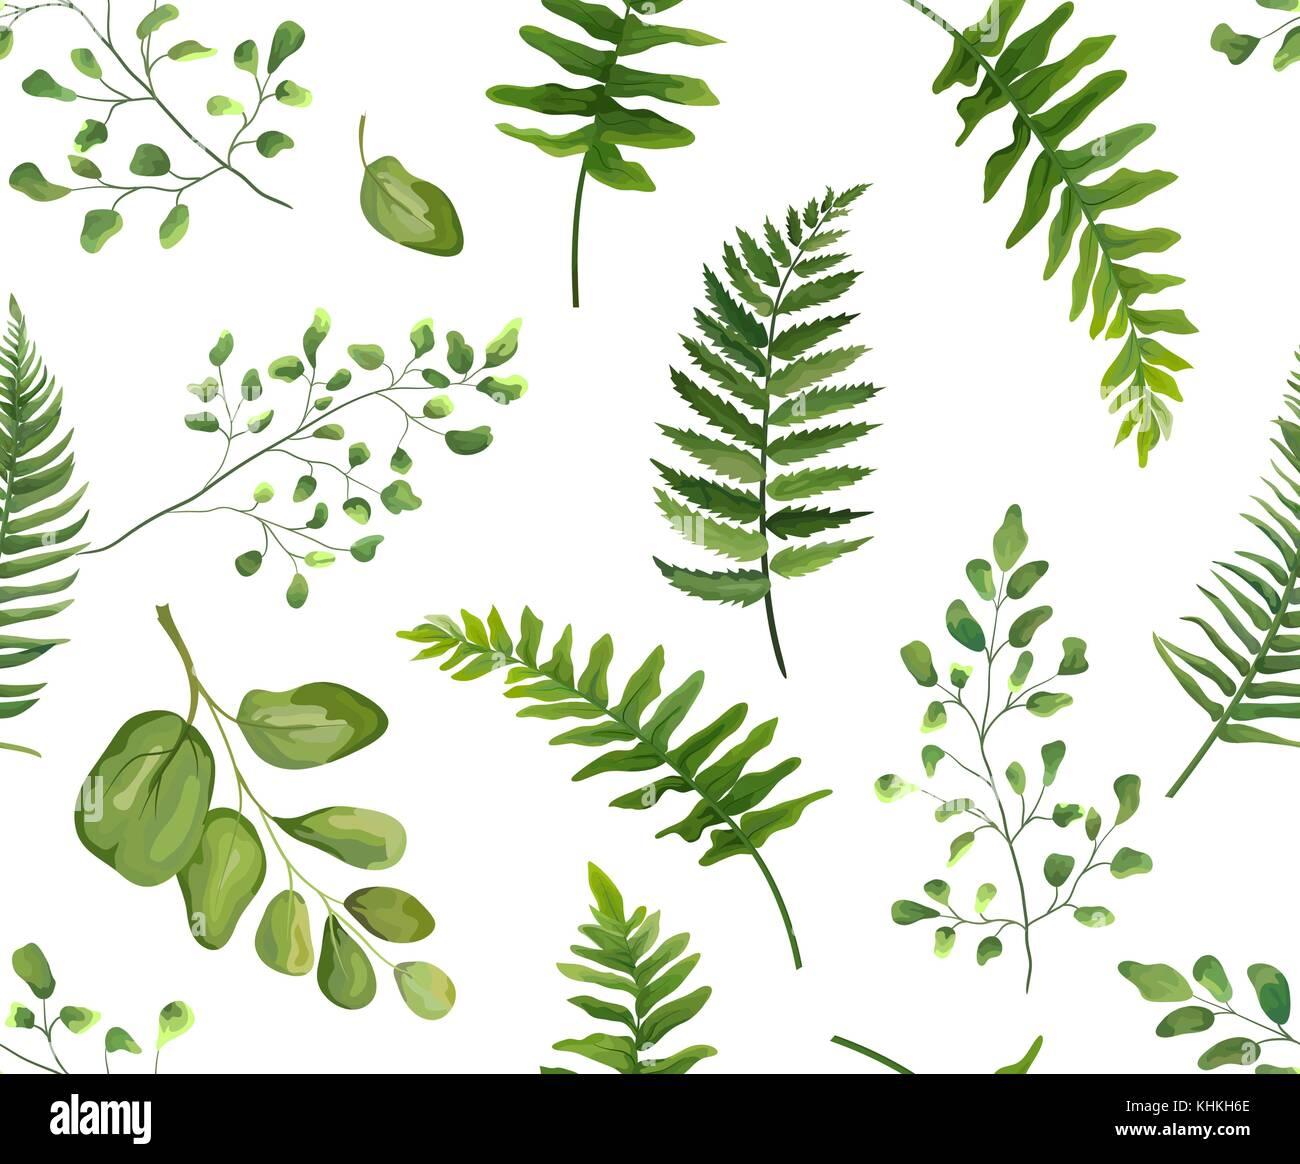 nahtlose gr n gr ne bl tter botanischen und rustikal muster vektor blumen aquarell stil wald. Black Bedroom Furniture Sets. Home Design Ideas